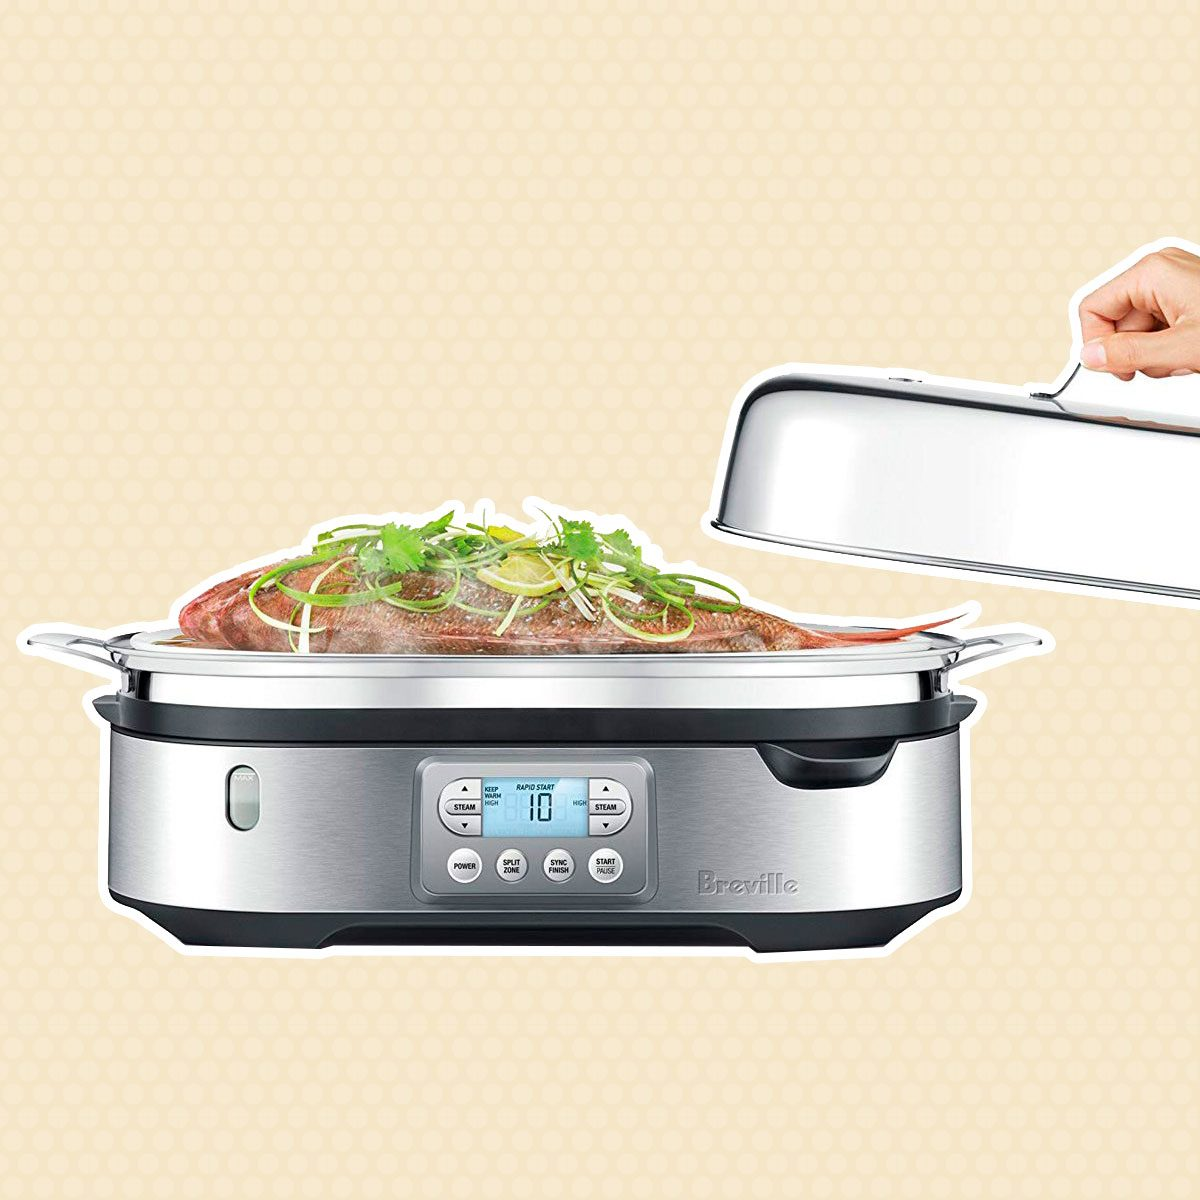 Breville Steam Zone Food Steamer